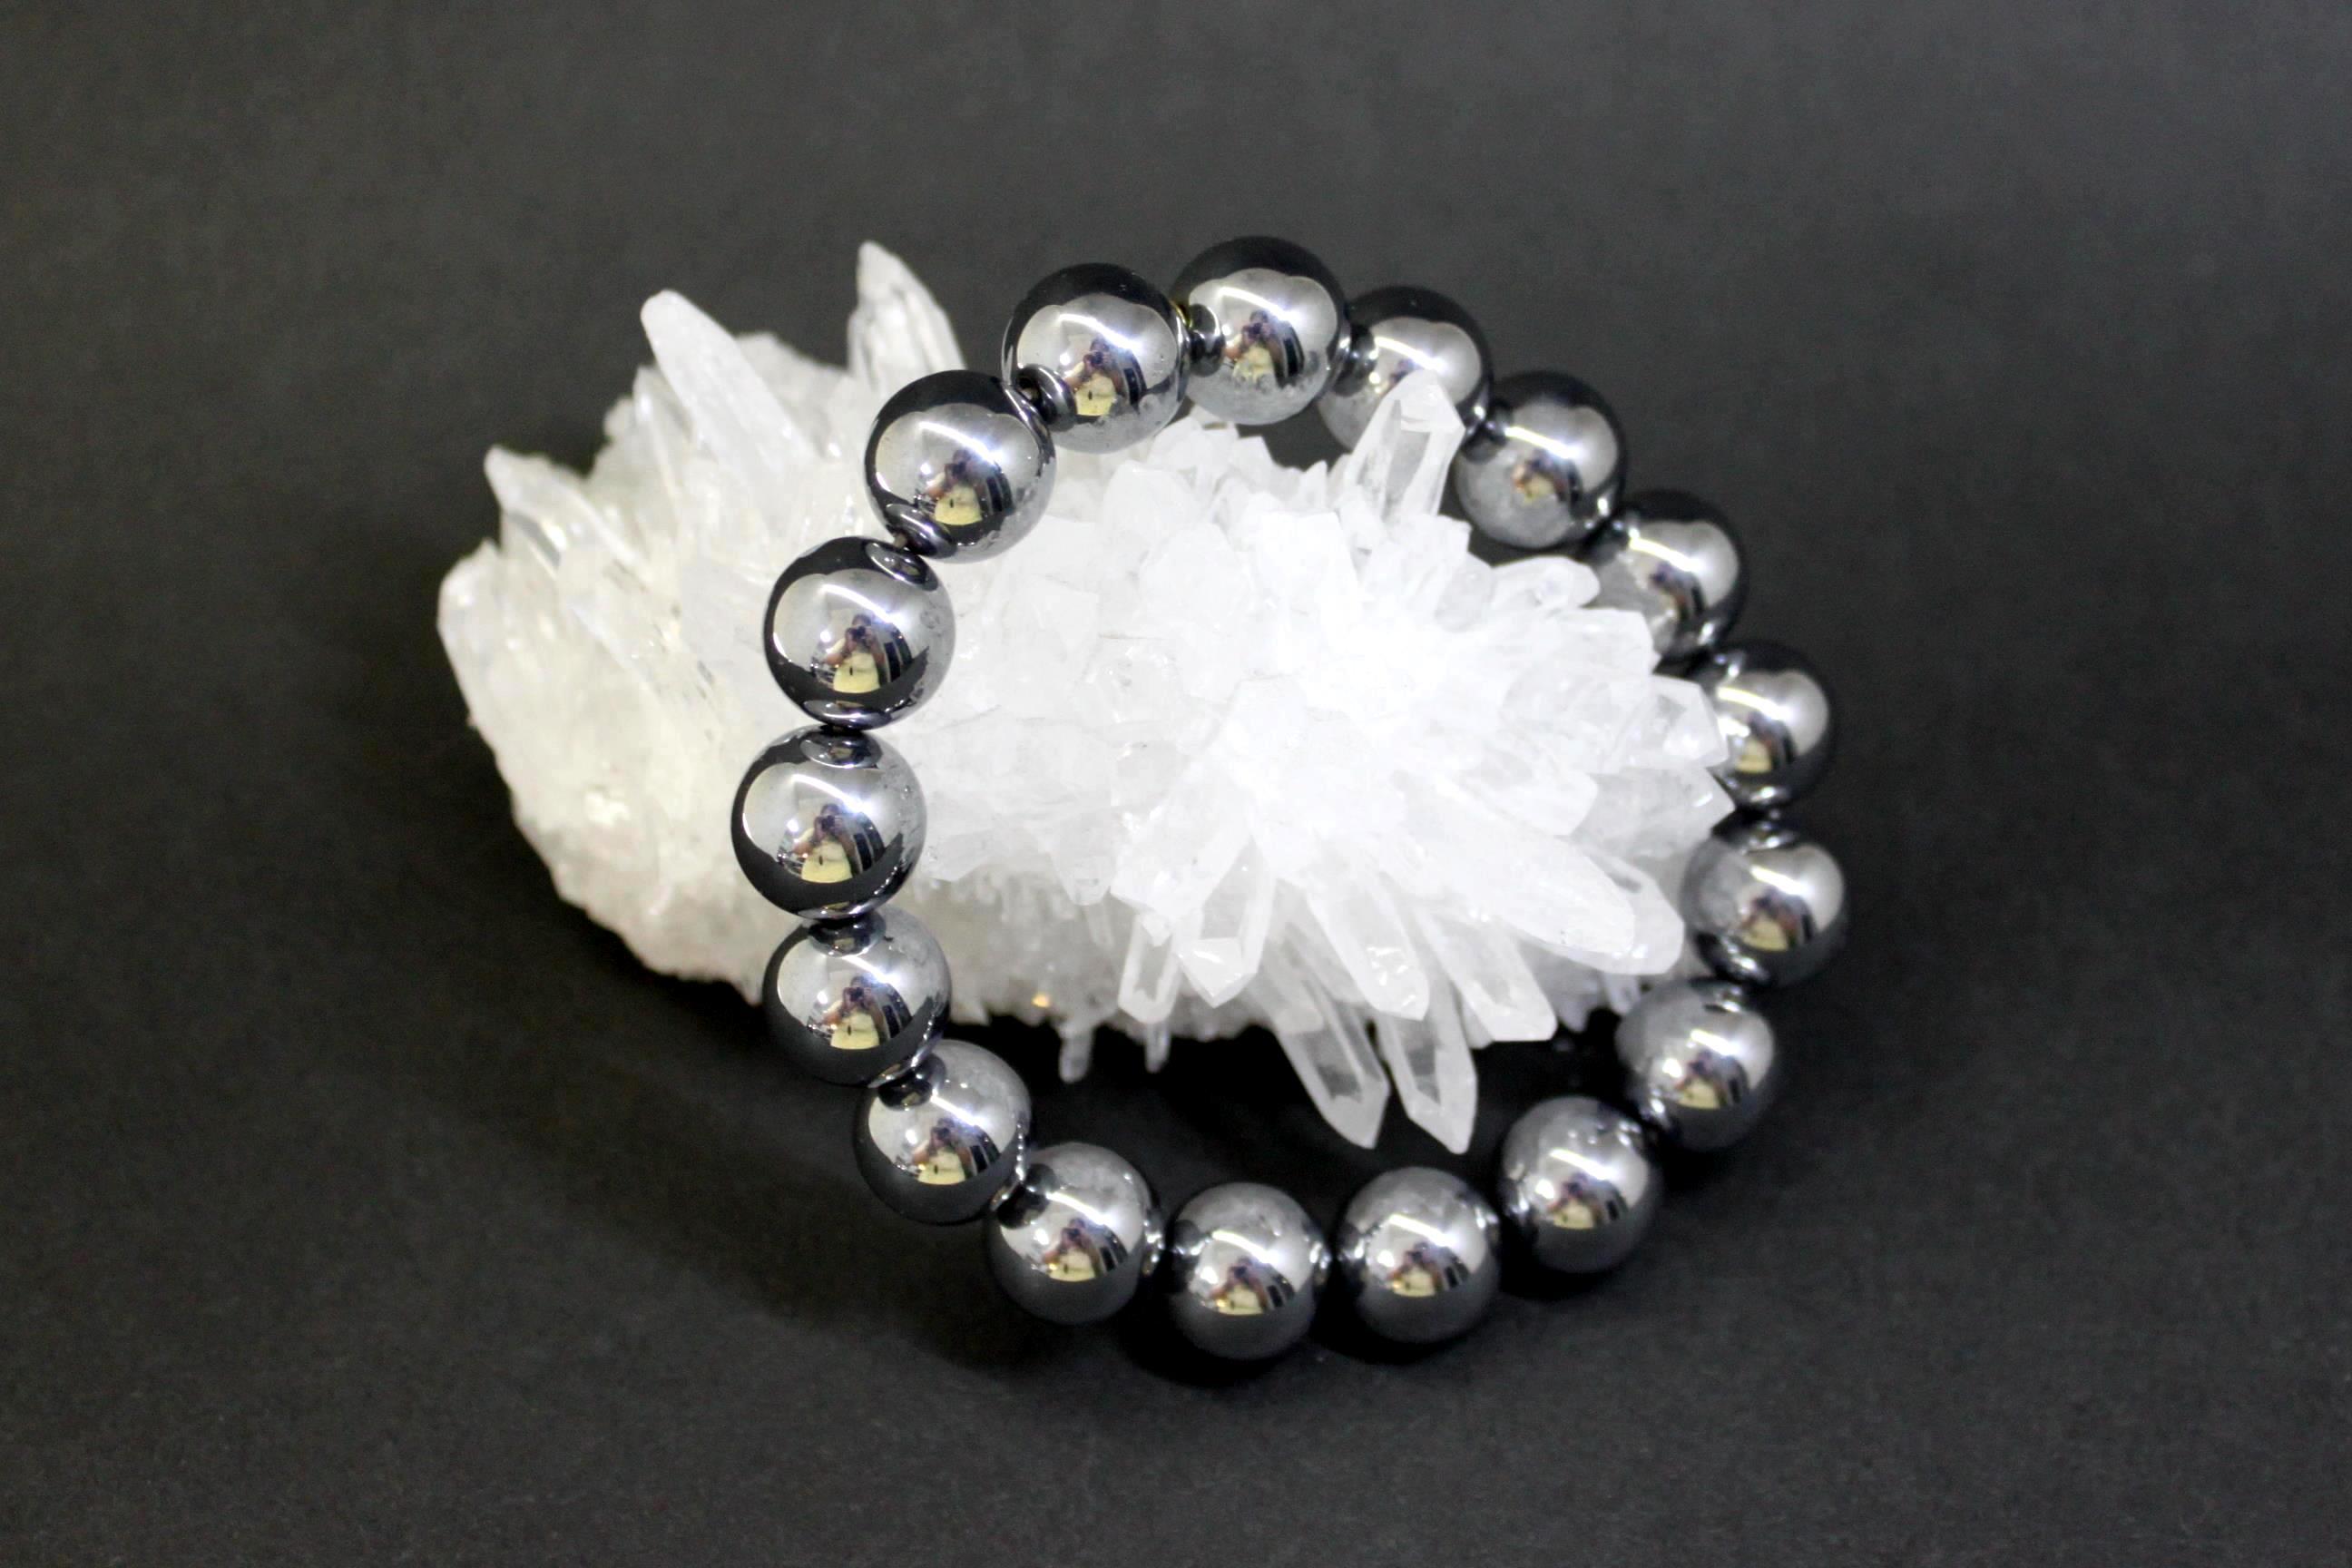 テラヘルツ鉱石 丸玉ブレスレット12ミリ